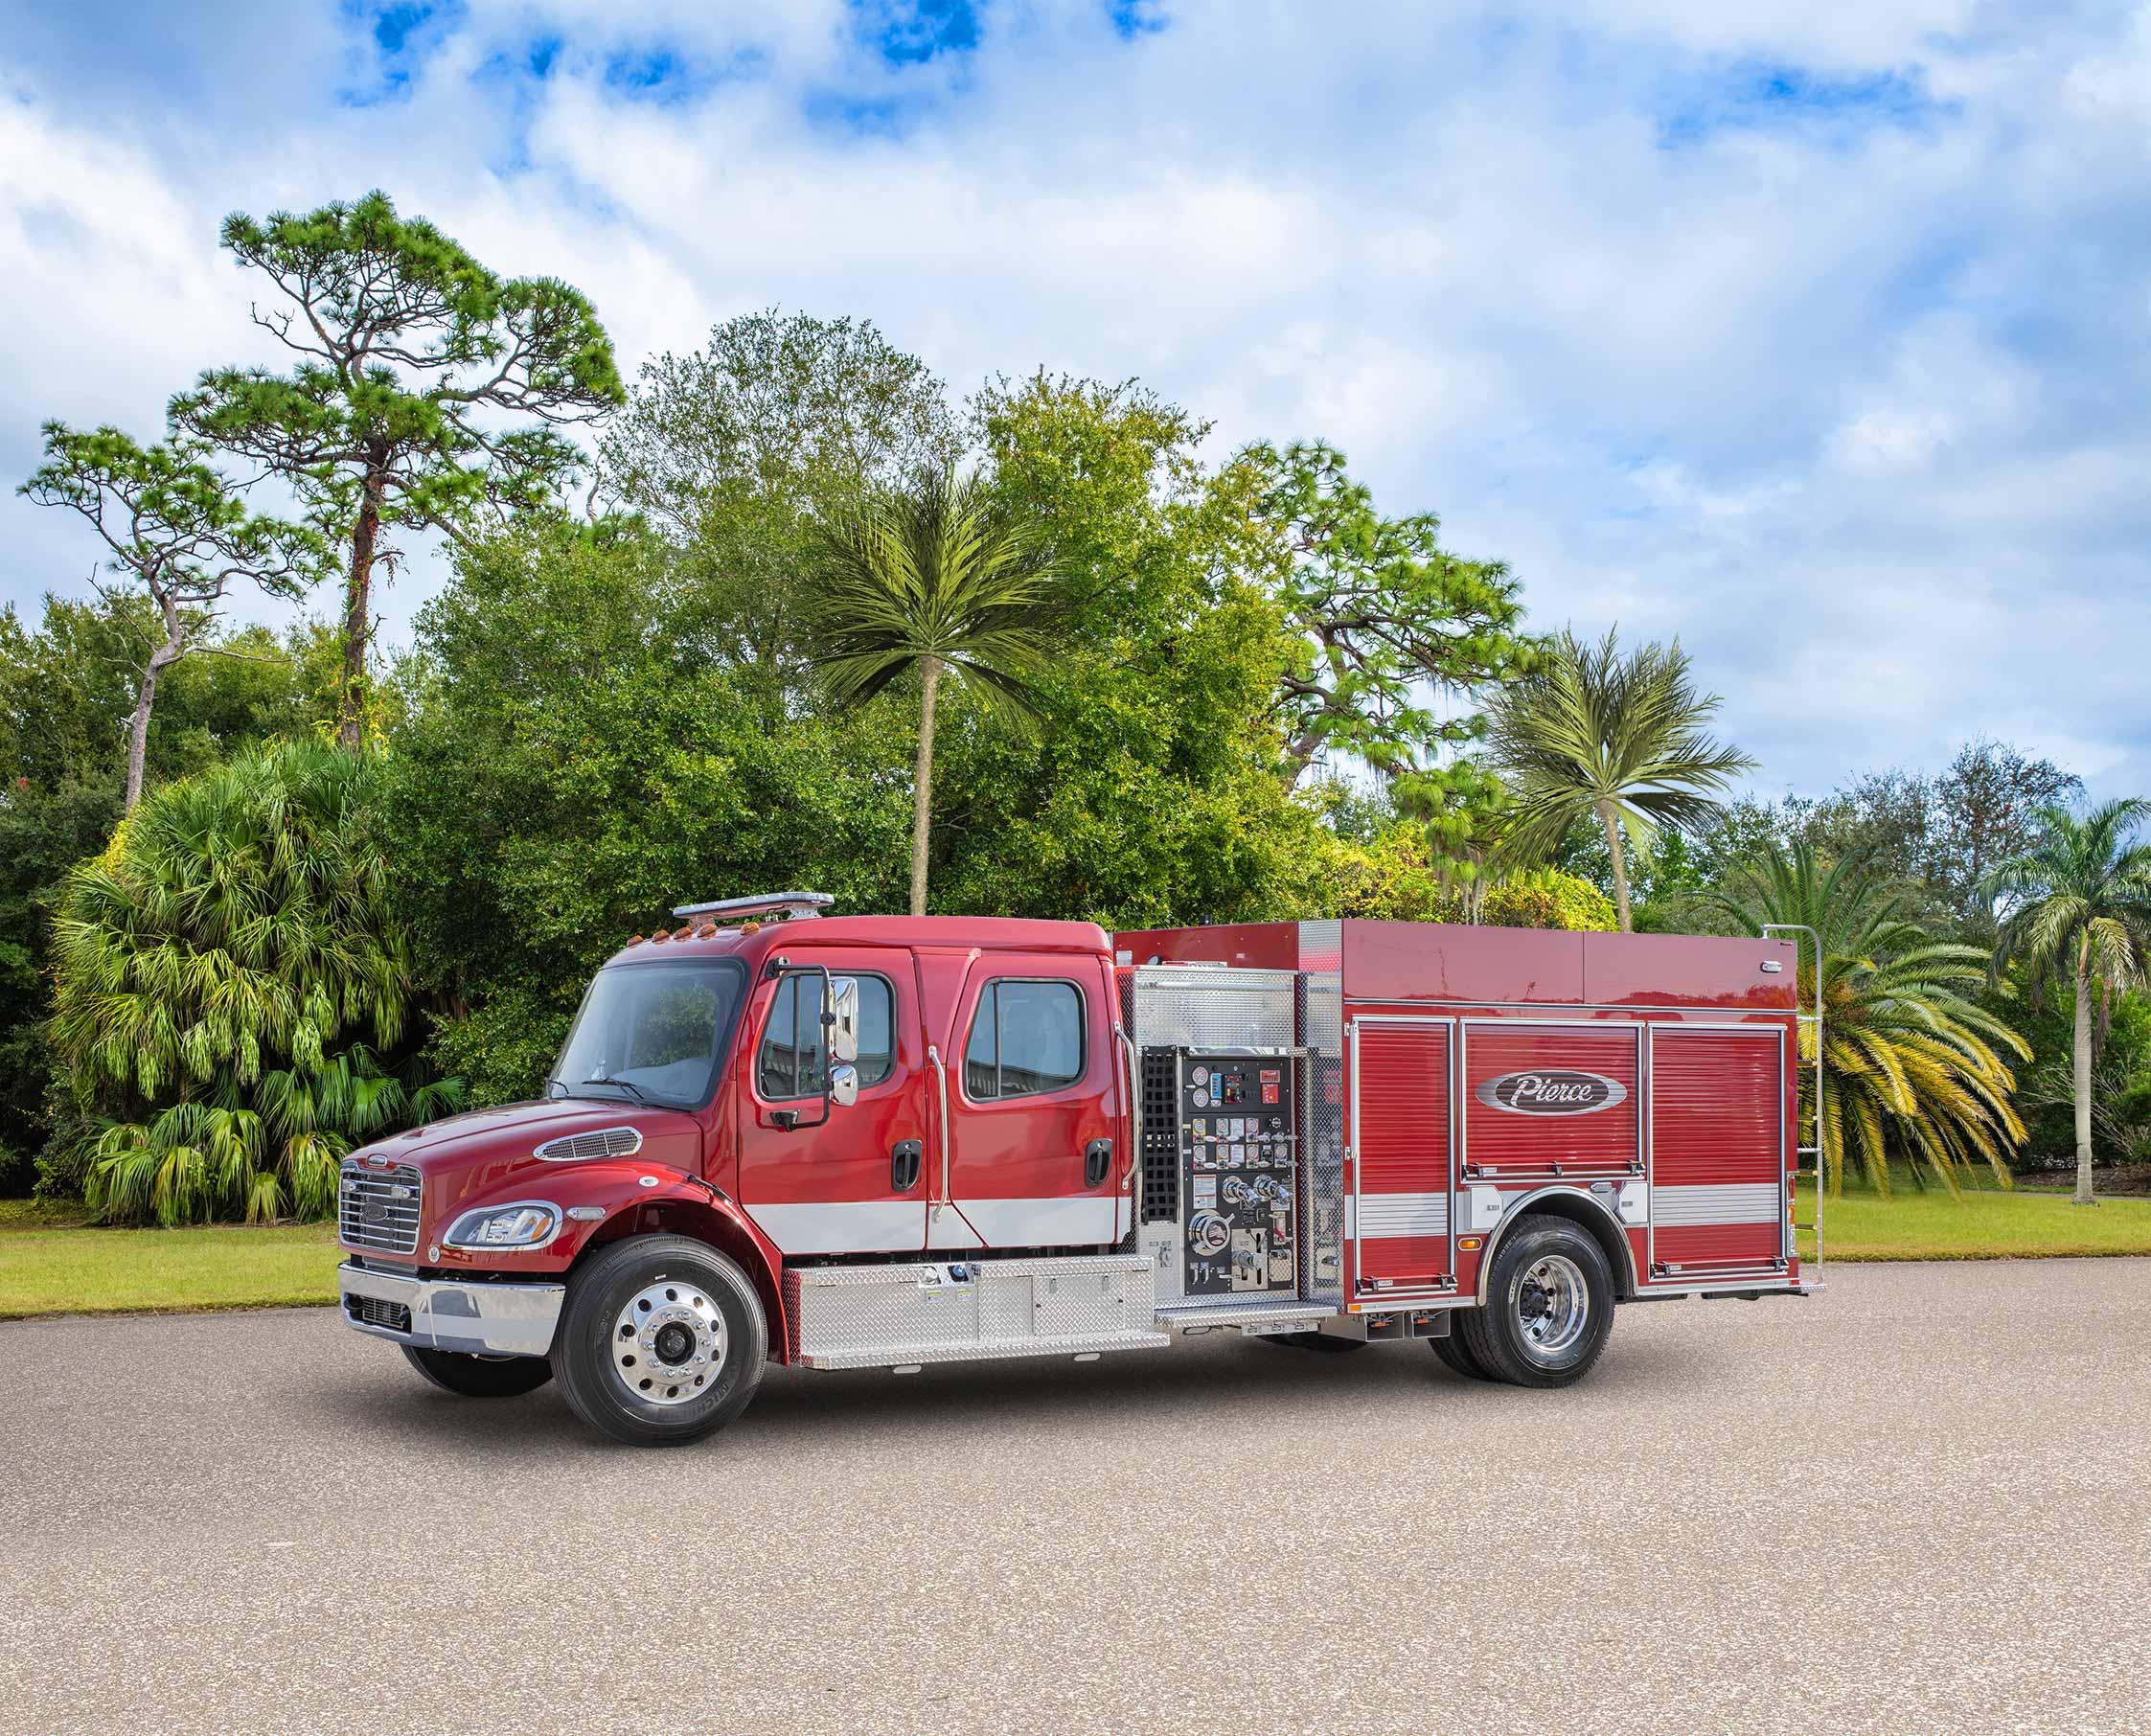 Saint-Francois-de-Madawaska Fire Department - Pumper